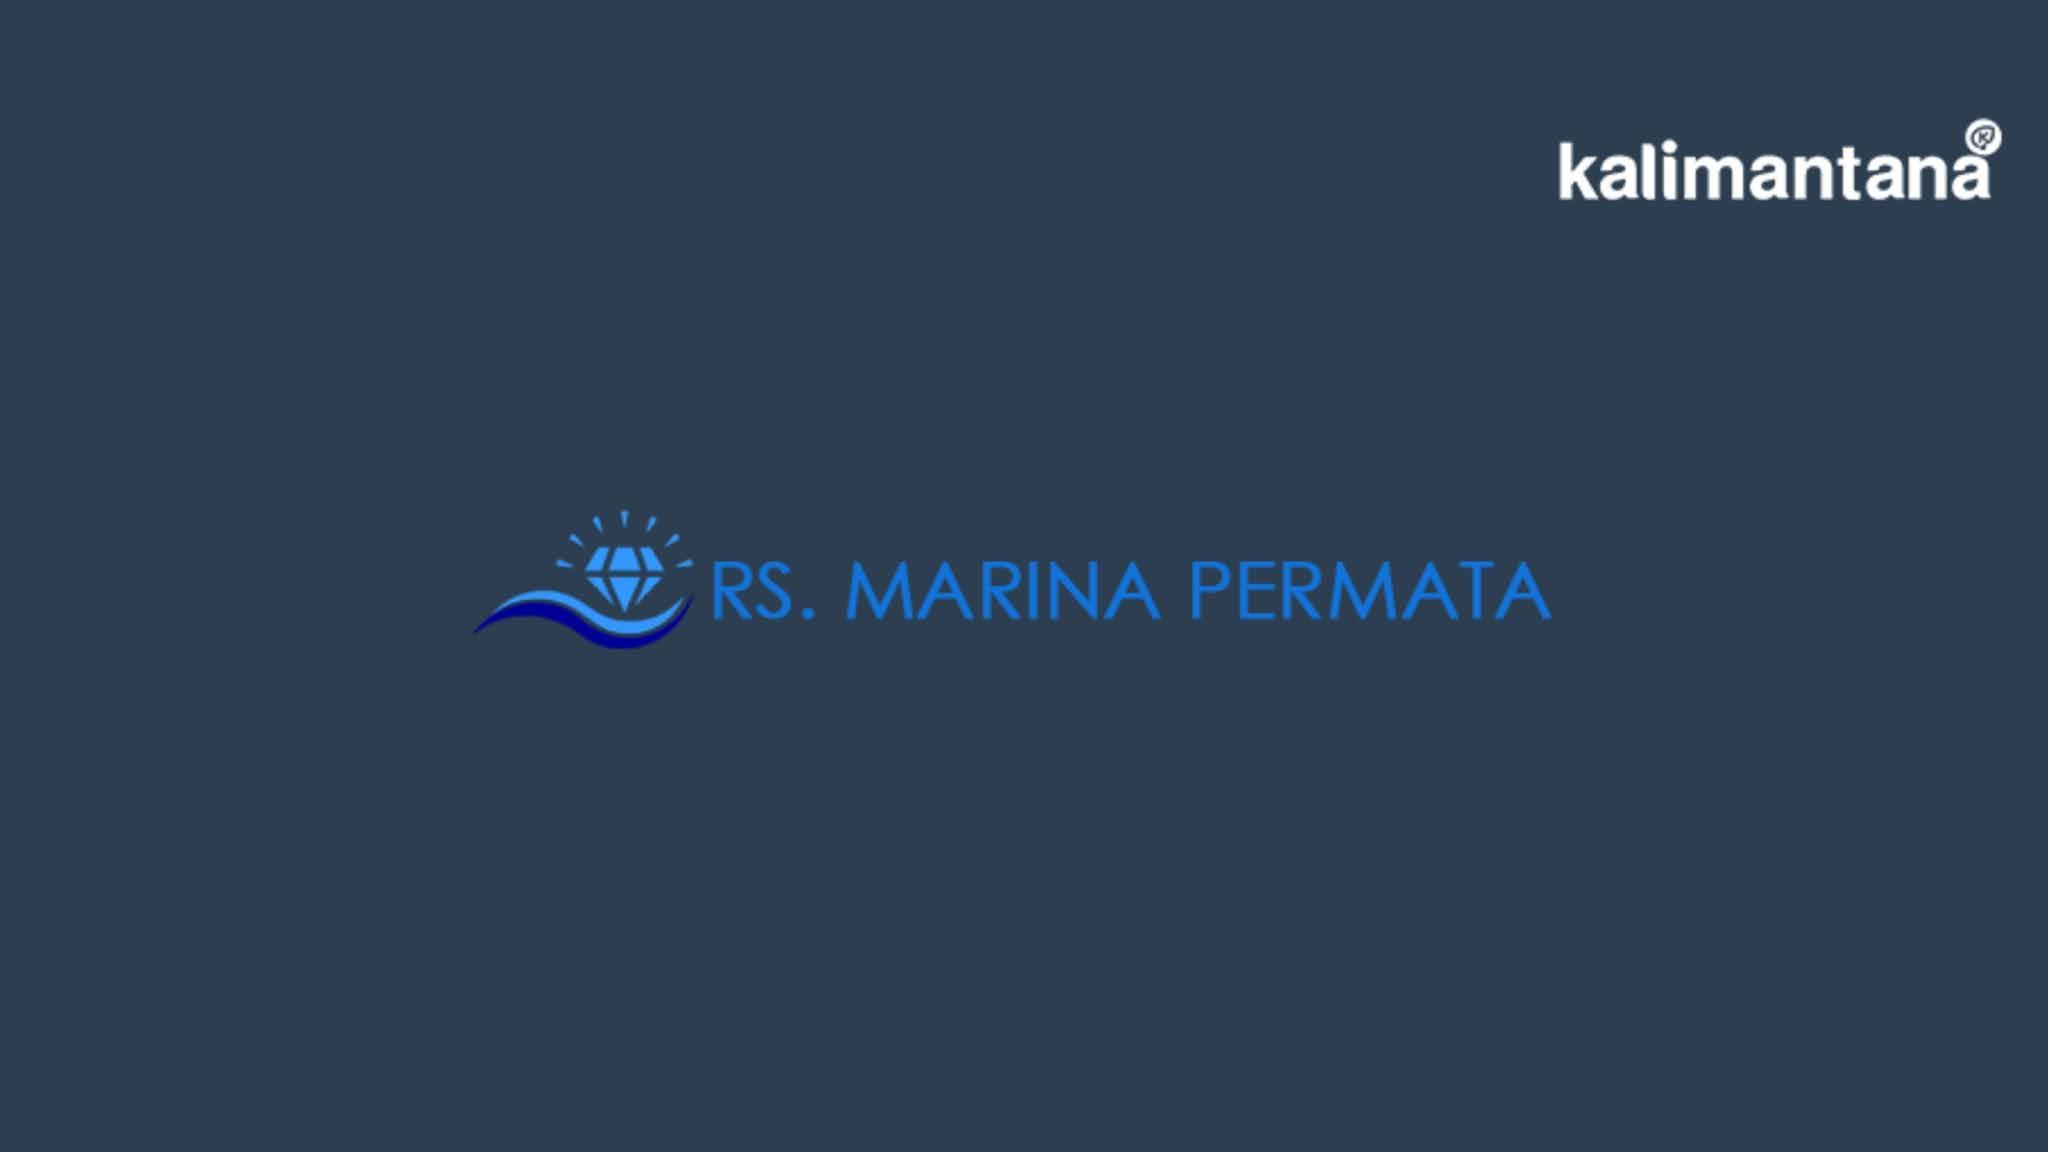 RS Marina Permata